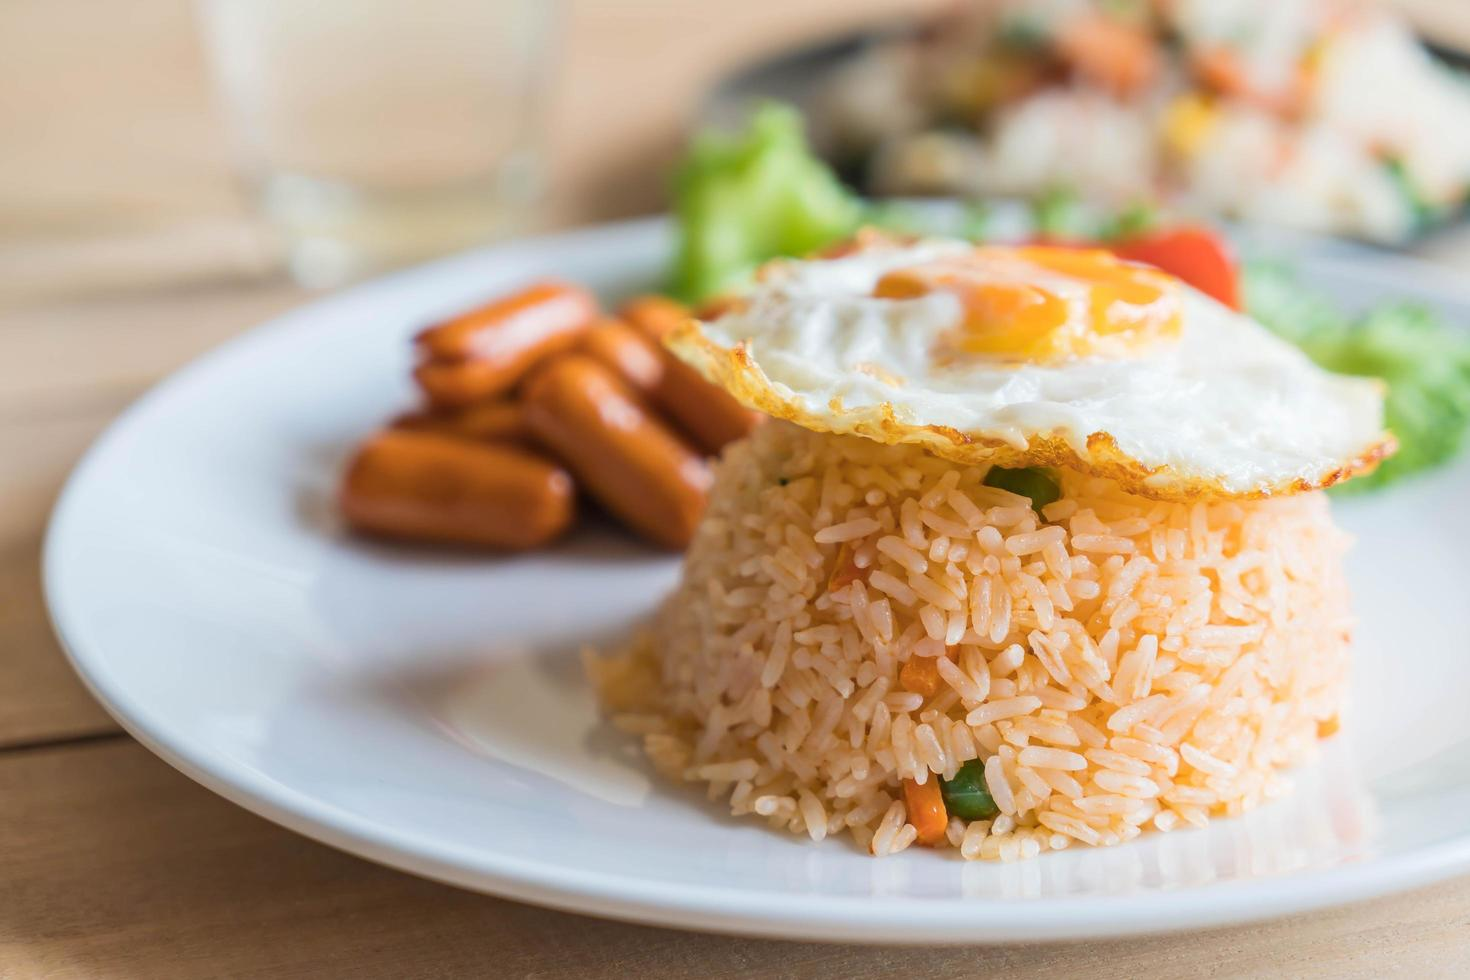 assiette avec œuf frit, riz et saucisse dessus photo